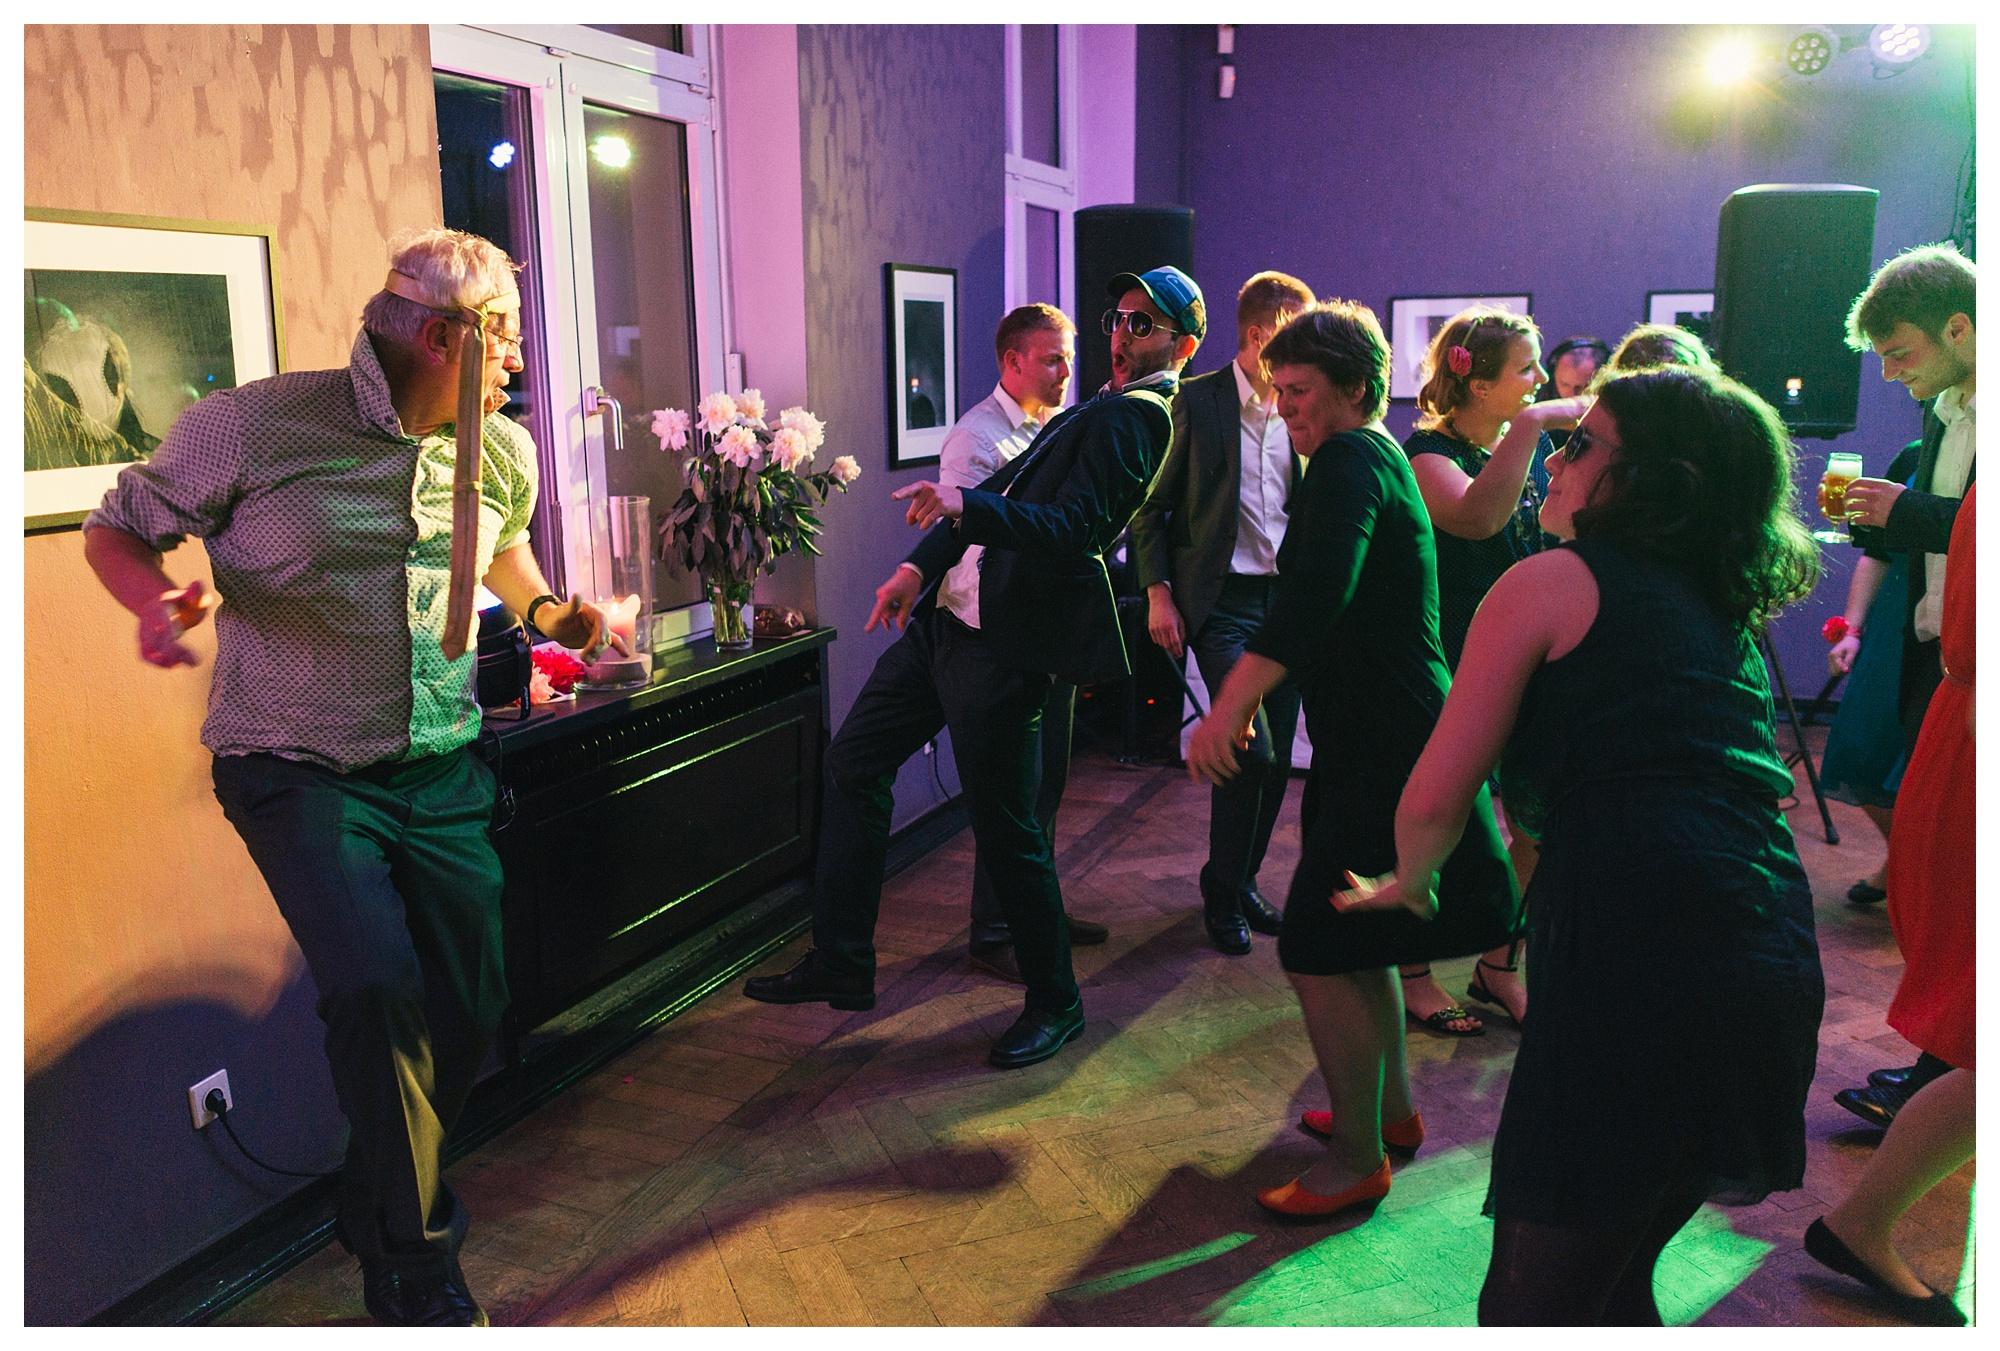 Fotograf Konstanz - Best of 2014 Elmar Feuerbacher Photography Hochzeit Portrait 026 - Rückblick auf 2014  - 112 -